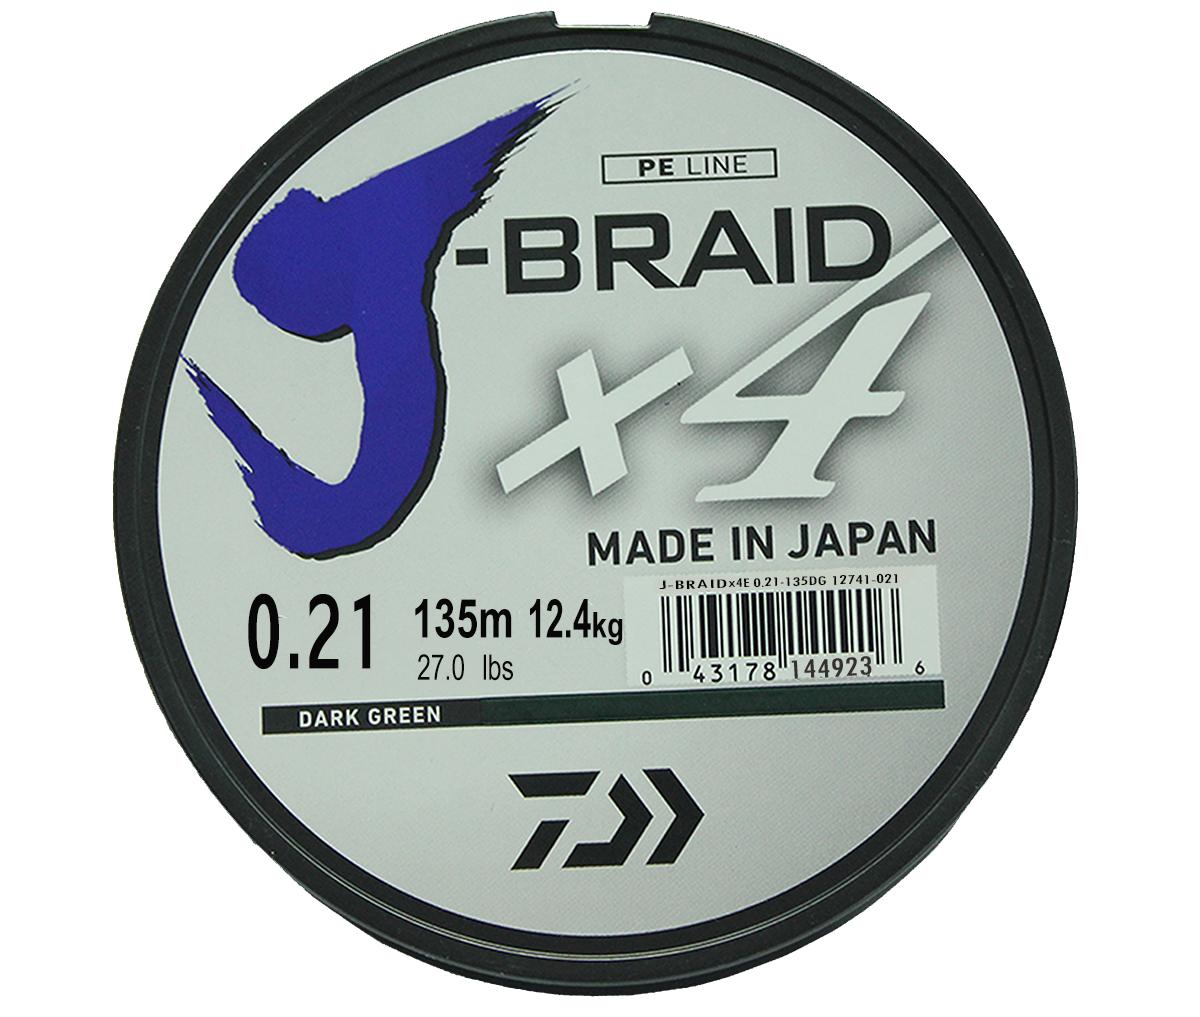 Шнур плетеный Daiwa J-Braid X4, цвет: зеленый, 135 м, 0,21 мм61164Новый четырехжильный шнур J-Braid от Daiwa - шнур высокого класса с удивительным соотношением цены и качества. Качество плетения полностью соответствует японским стандартам и удовлетворяет всем требованиям. Представленные диаметры позволяют использовать шнур для всех техник ловли, начиная от Ultra-Light ловли окуня, до морской ловли палтуса, трески и так далее.